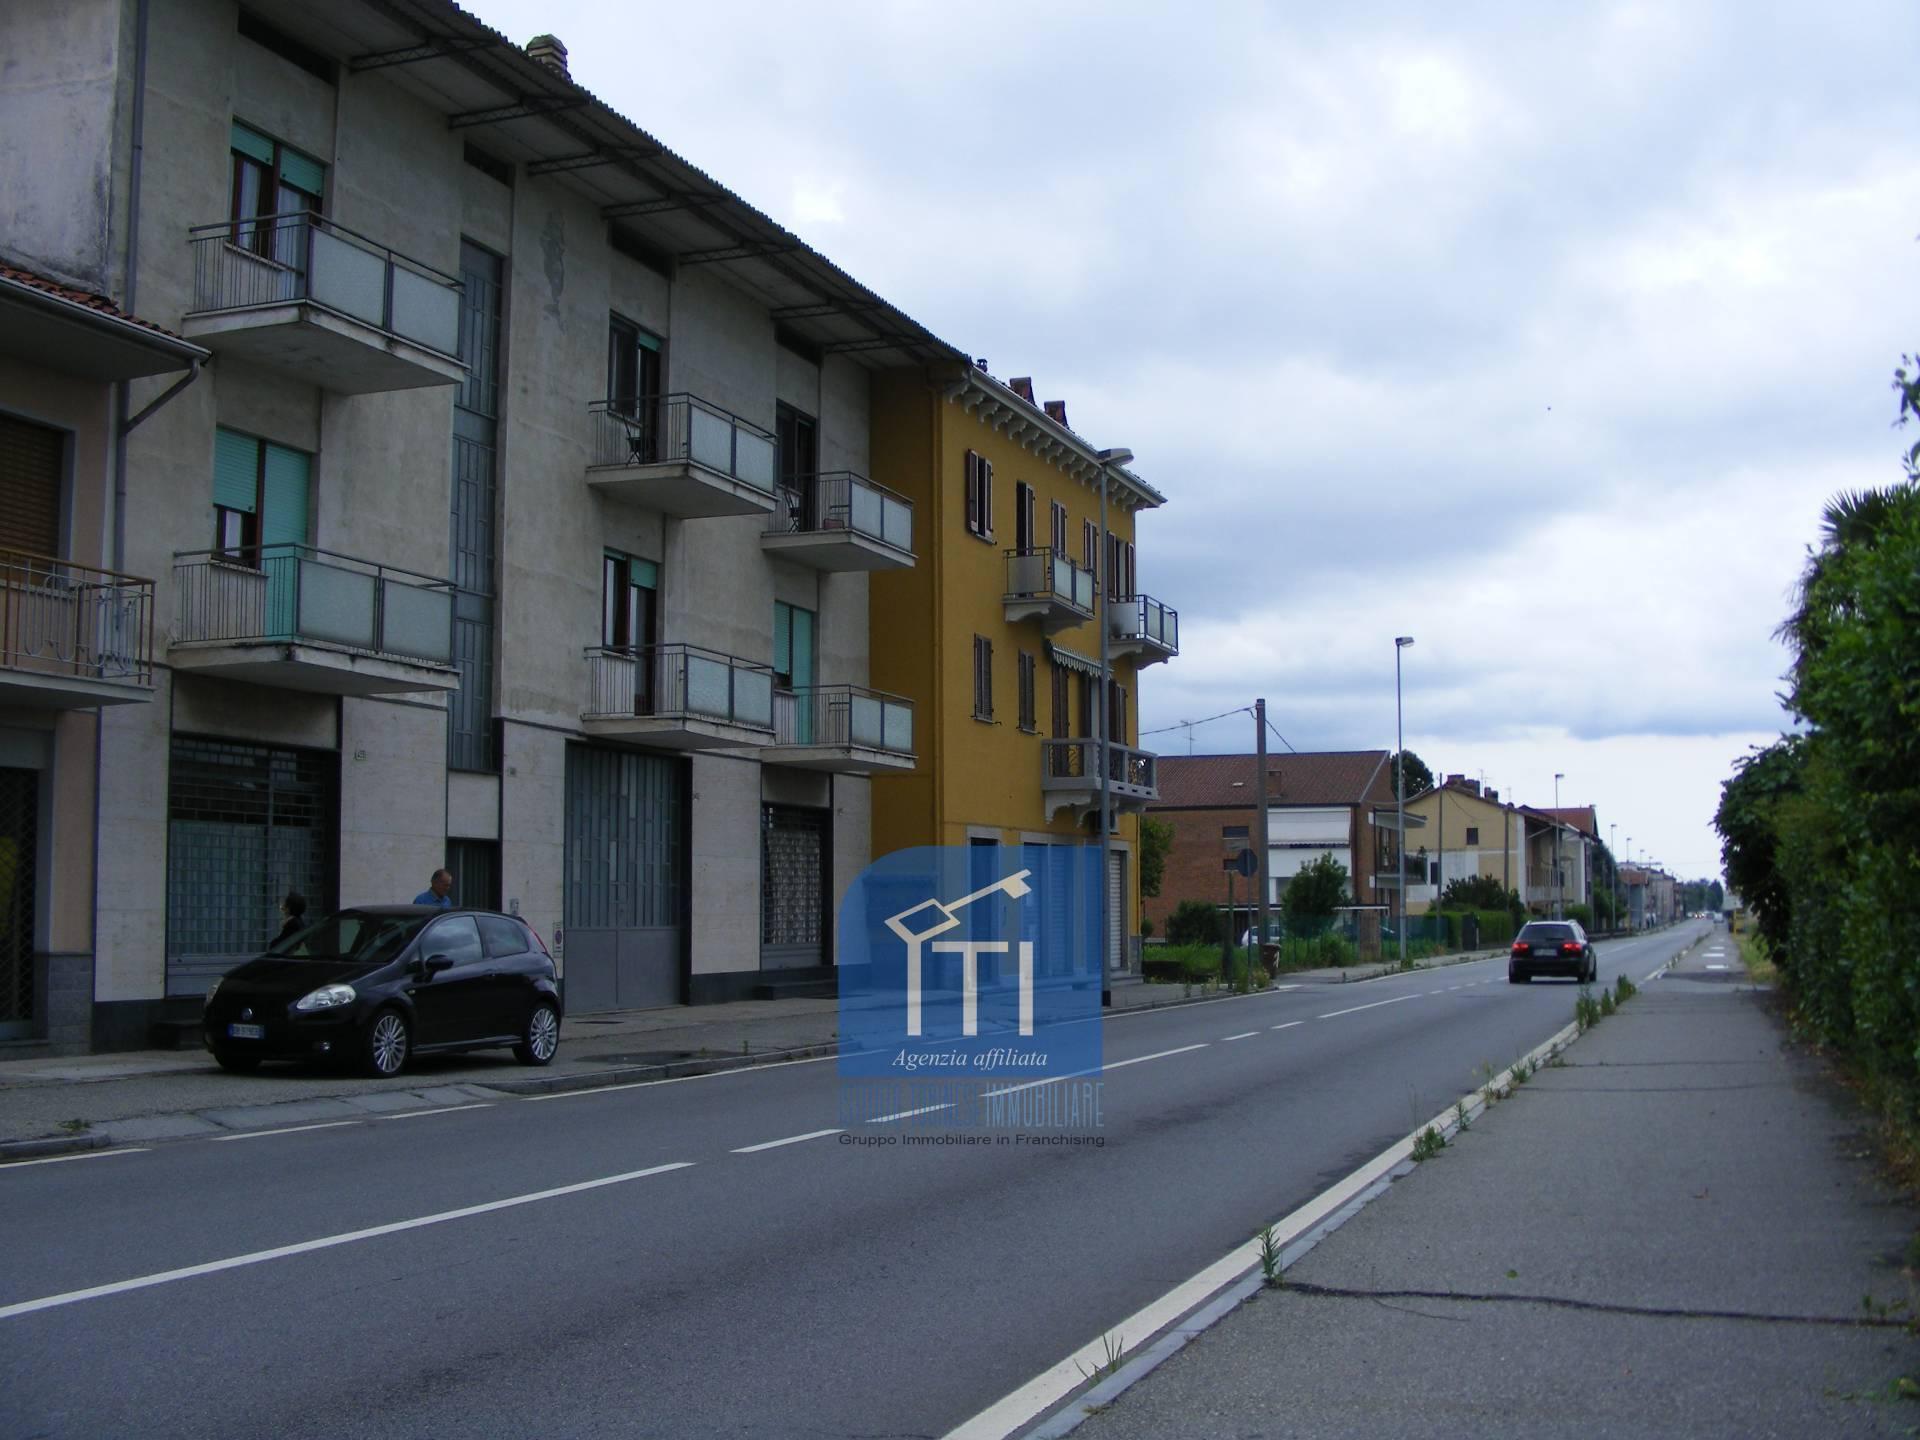 Negozio / Locale in affitto a Ivrea, 9999 locali, prezzo € 400 | PortaleAgenzieImmobiliari.it